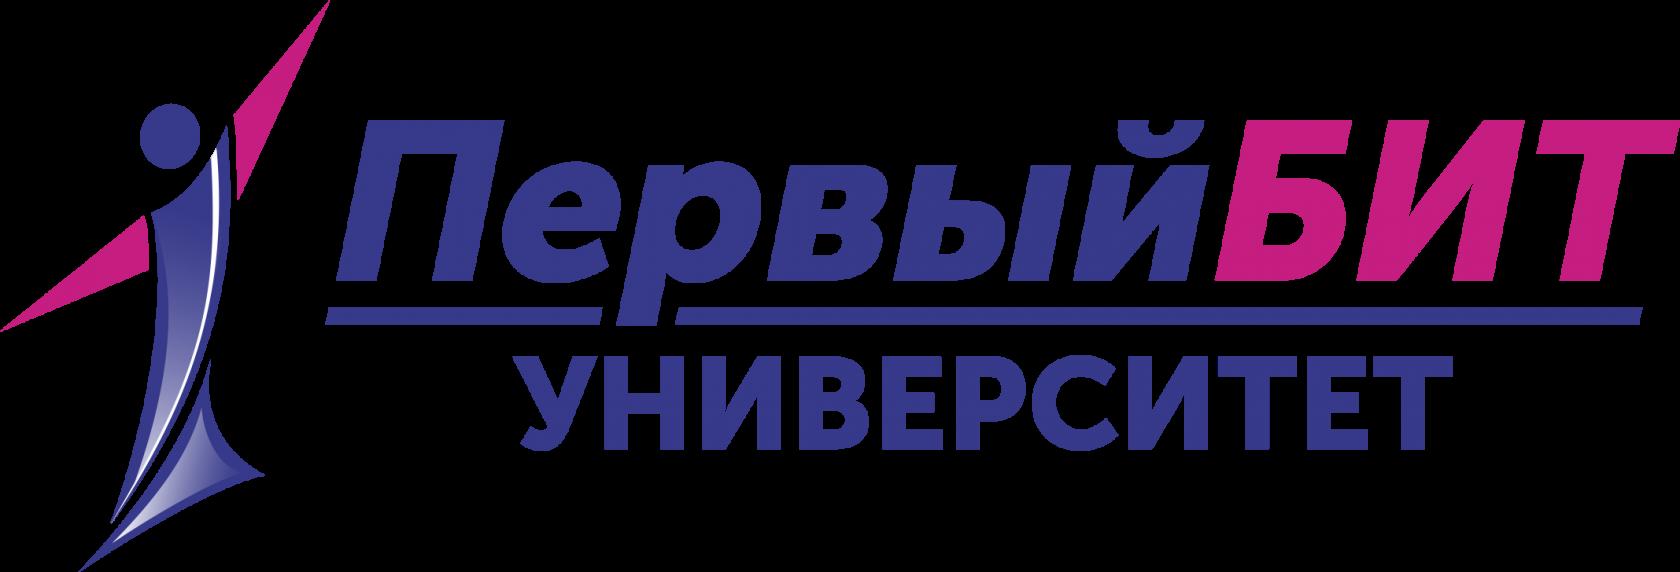 ПервыйБИТ Университет